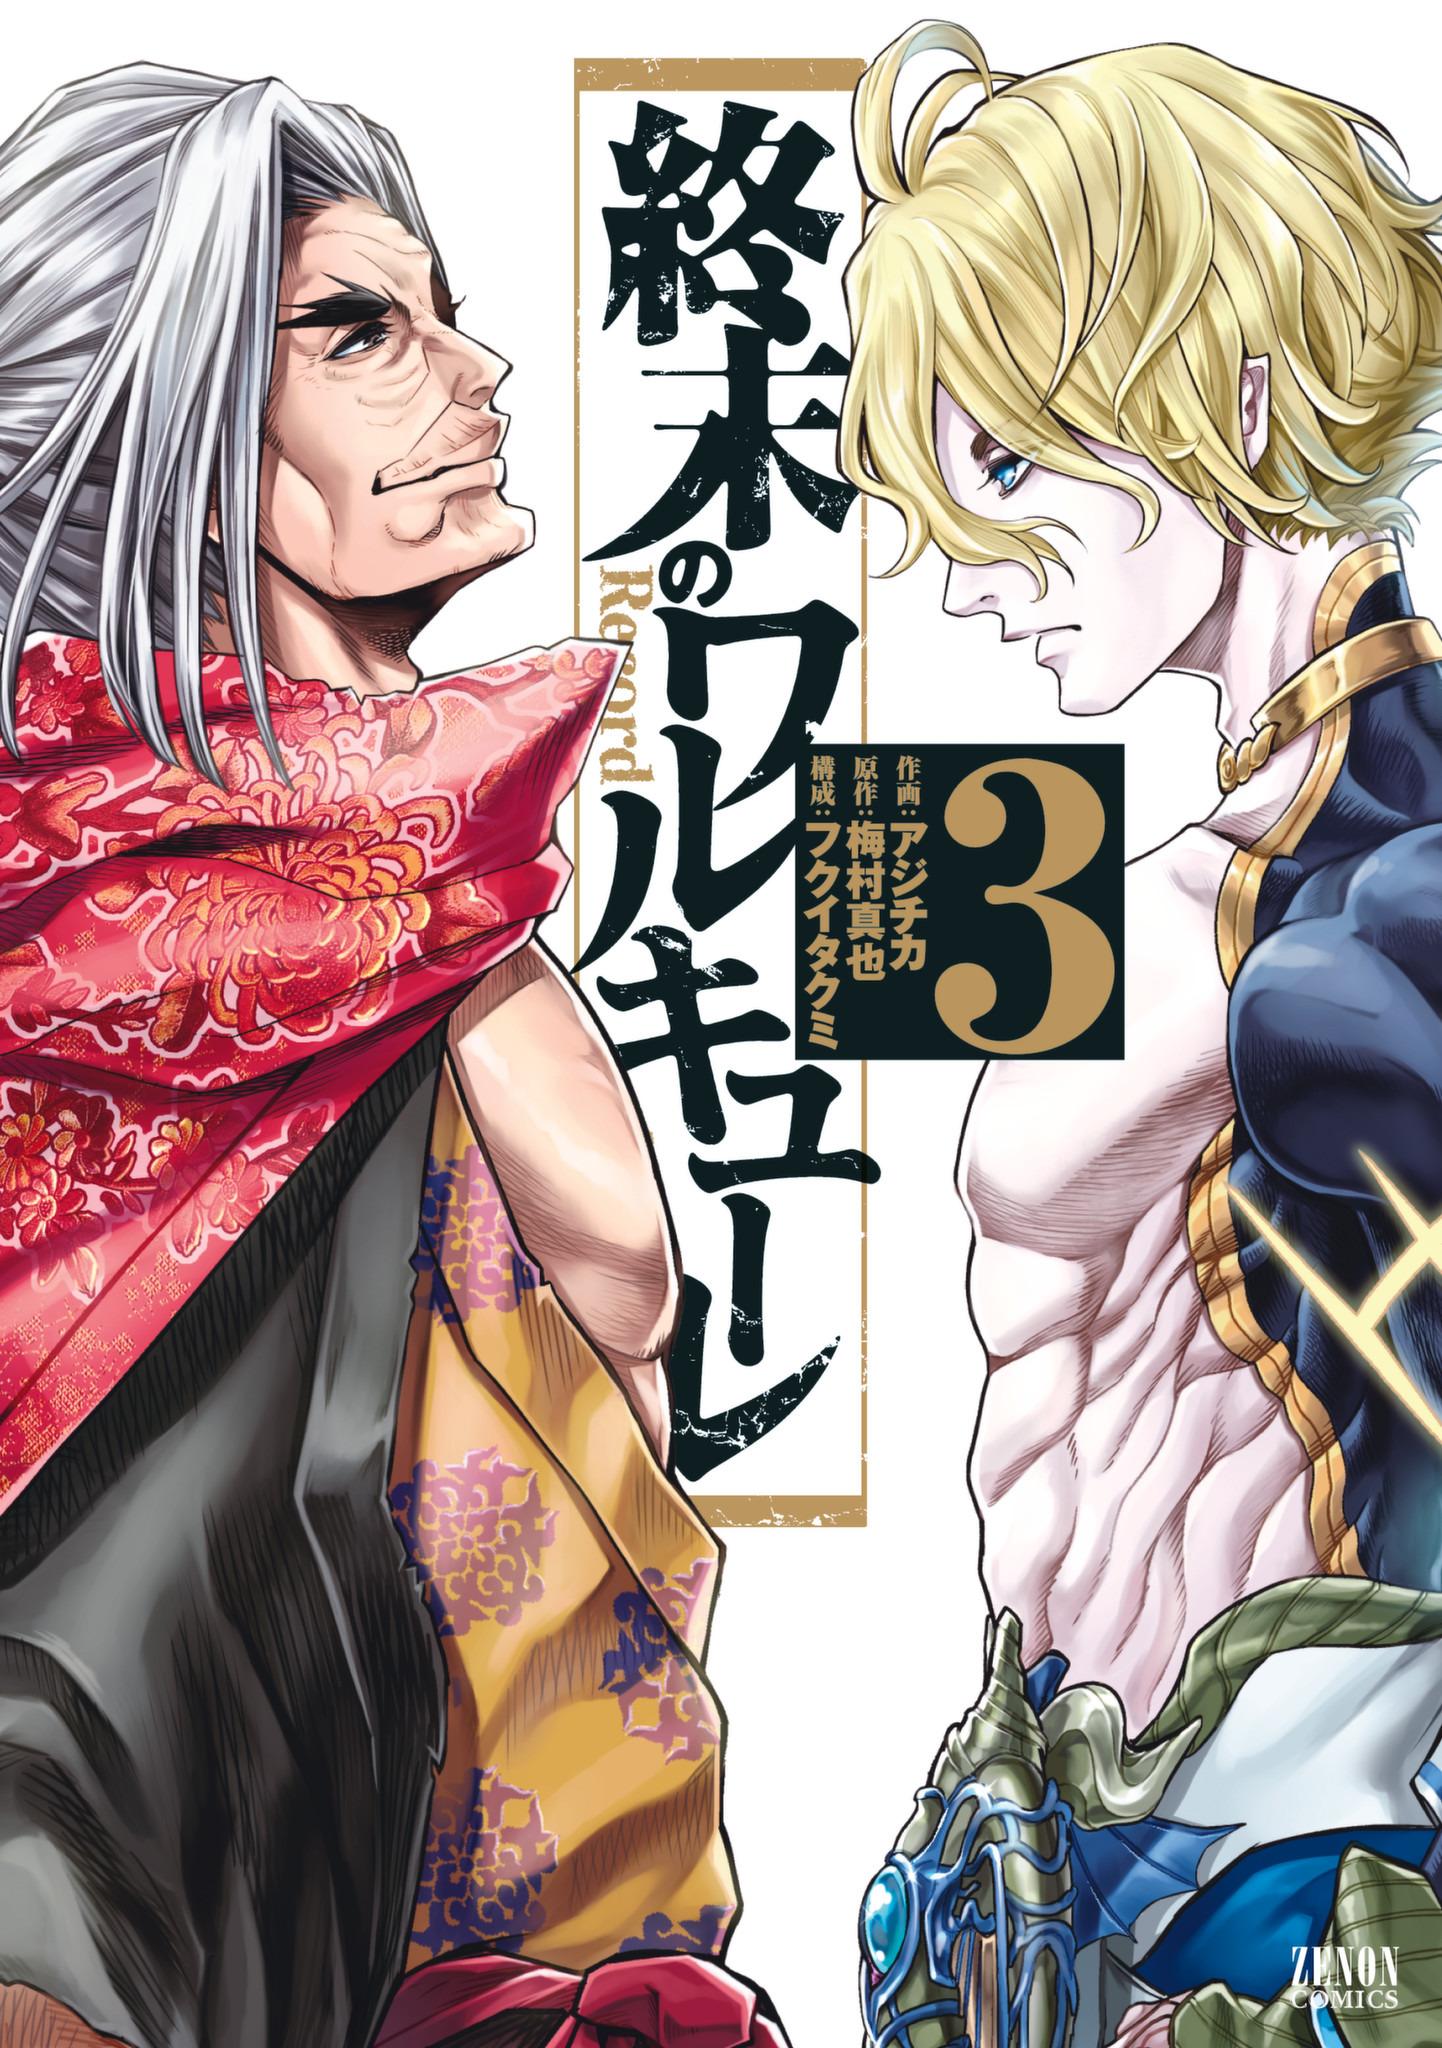 อ่านการ์ตูน Shuumatsu no Walkure ตอนที่ 14 หน้าที่ 1